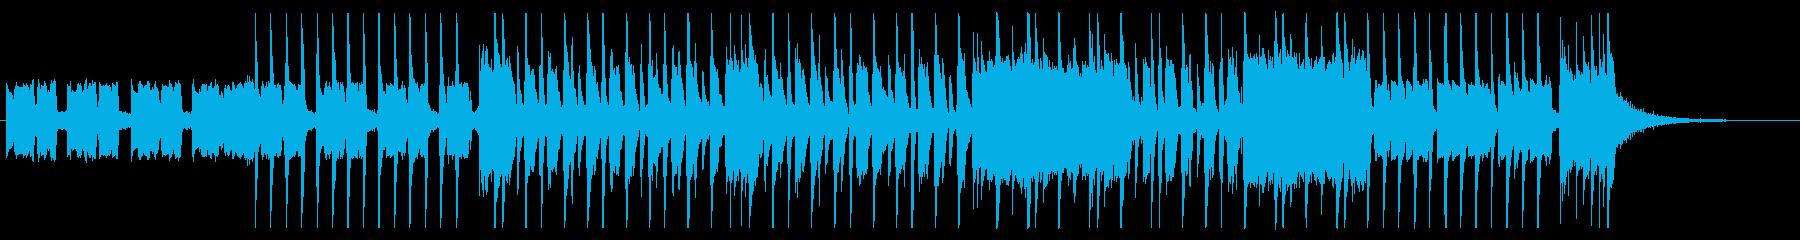 【エレキギター】ファンキー&ブルージーの再生済みの波形